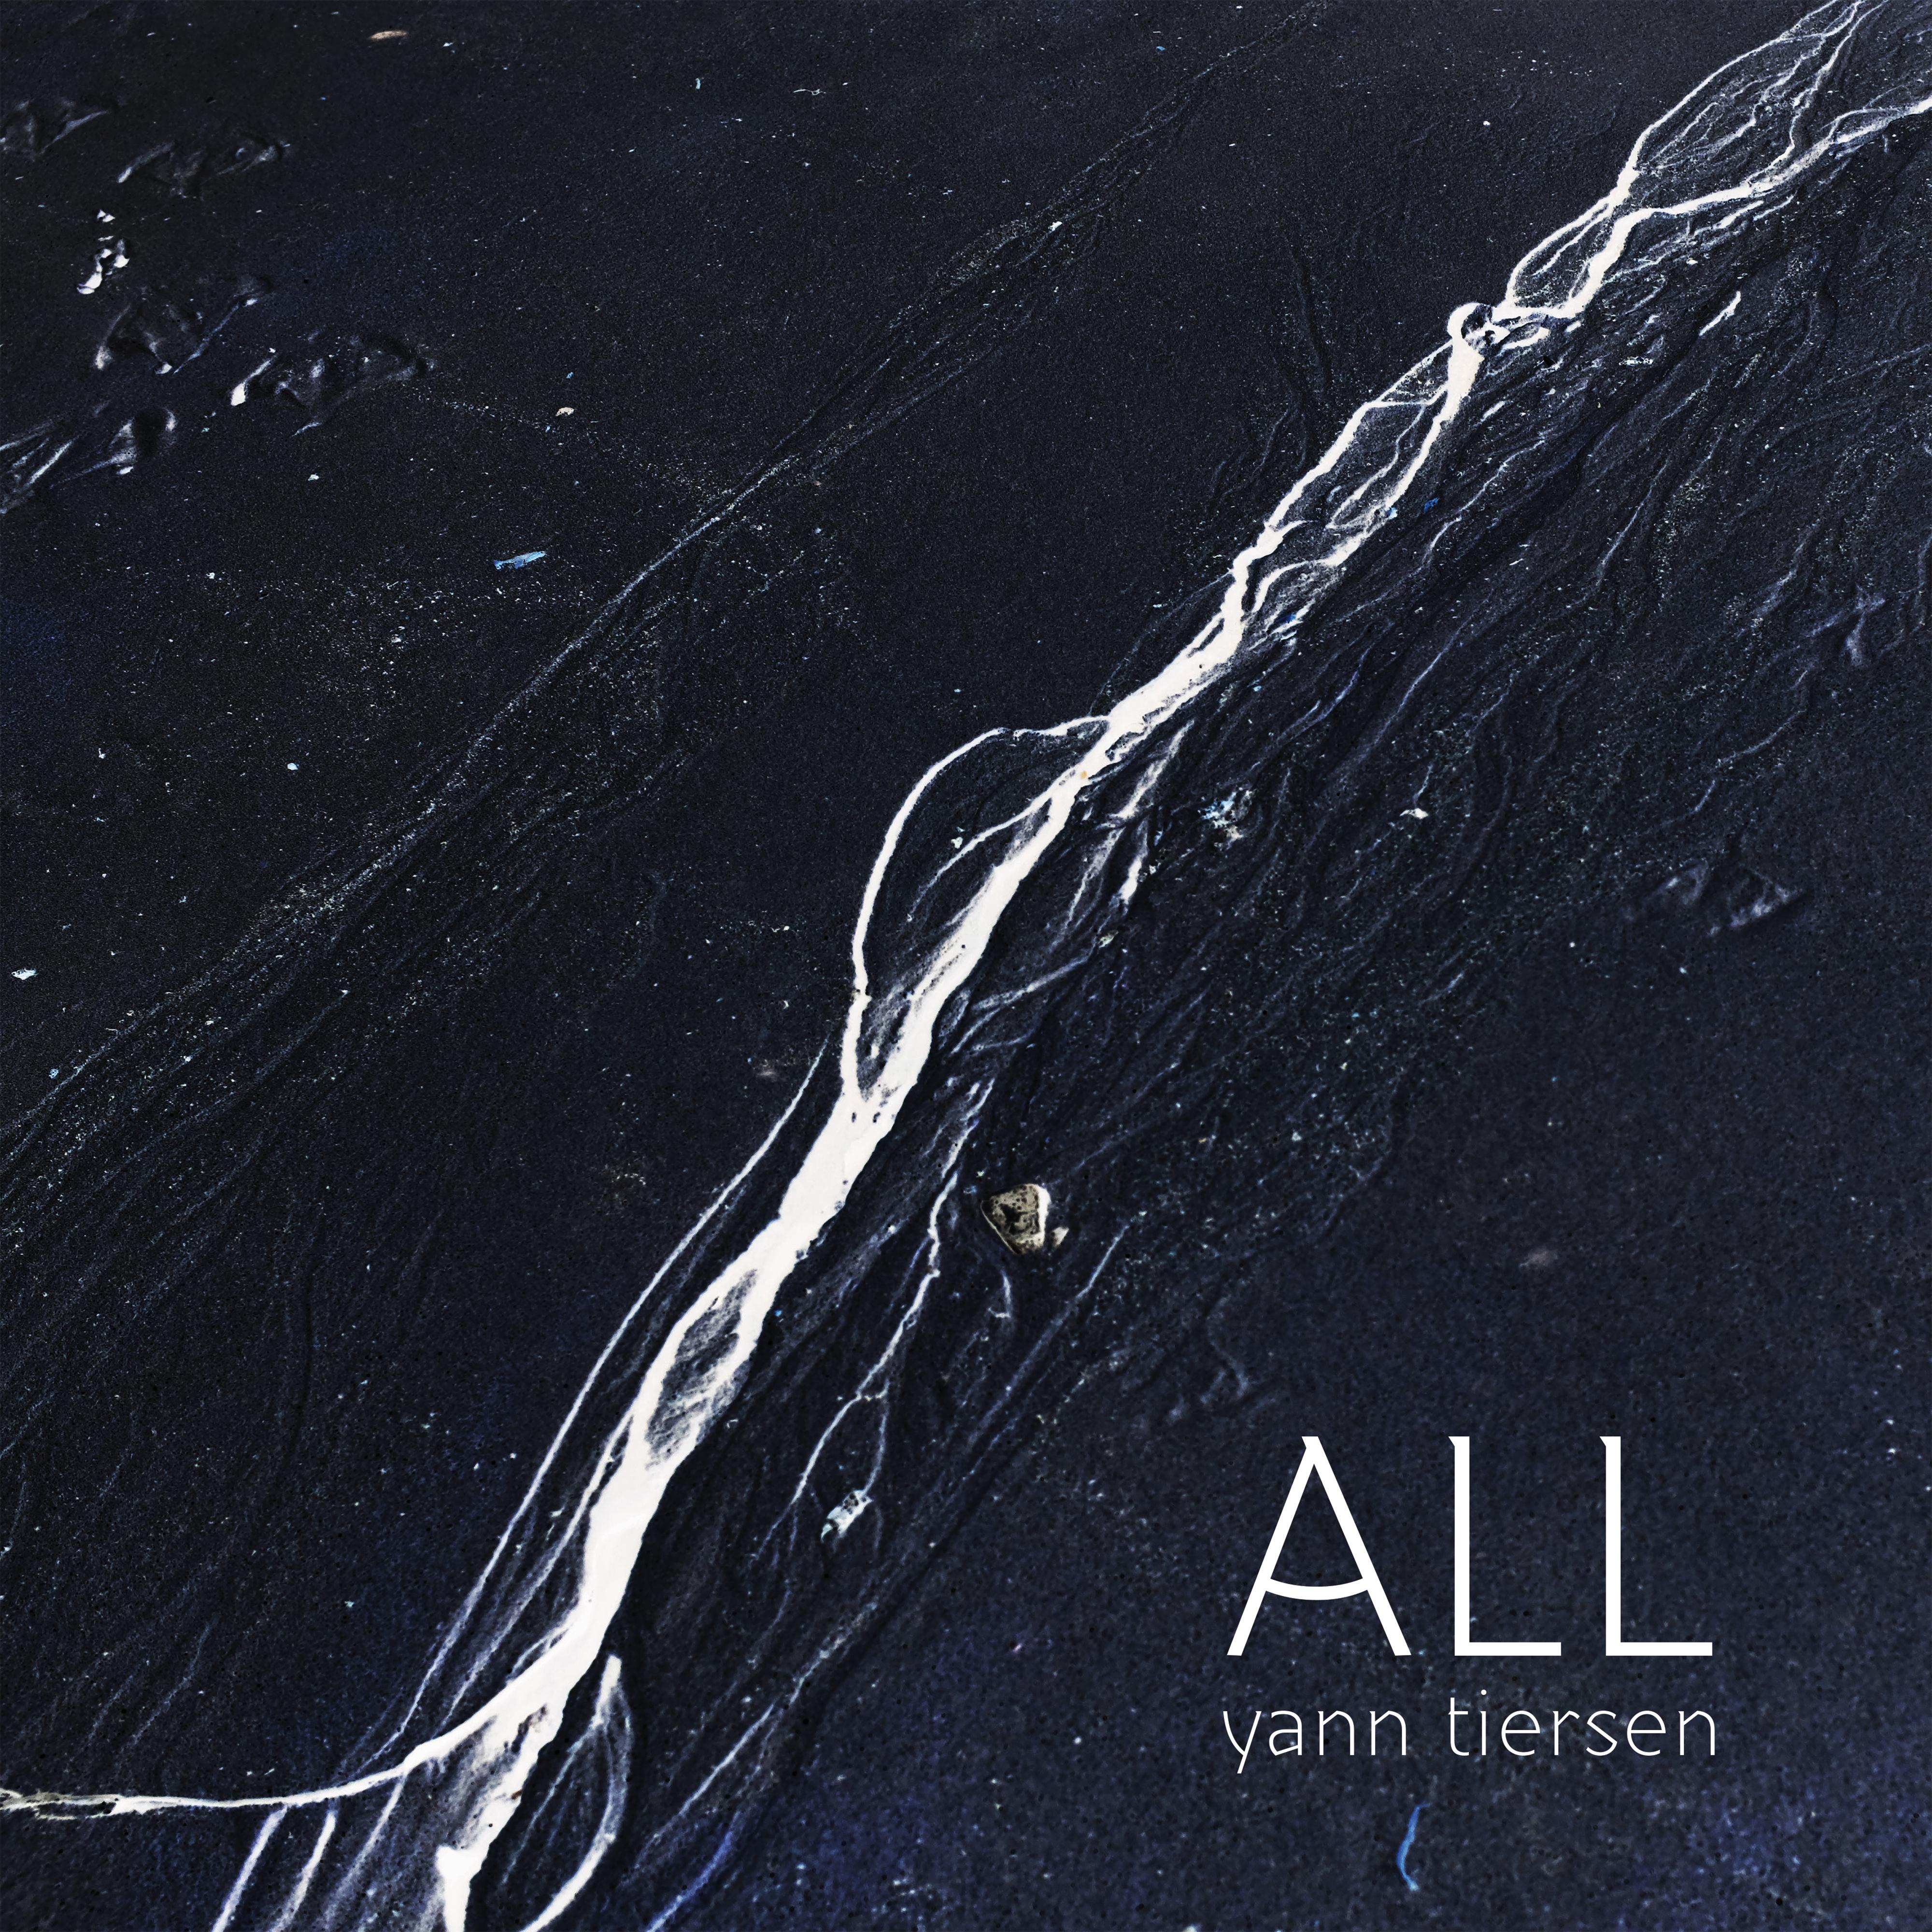 Yann Tiersen - All - Yann Tiersen